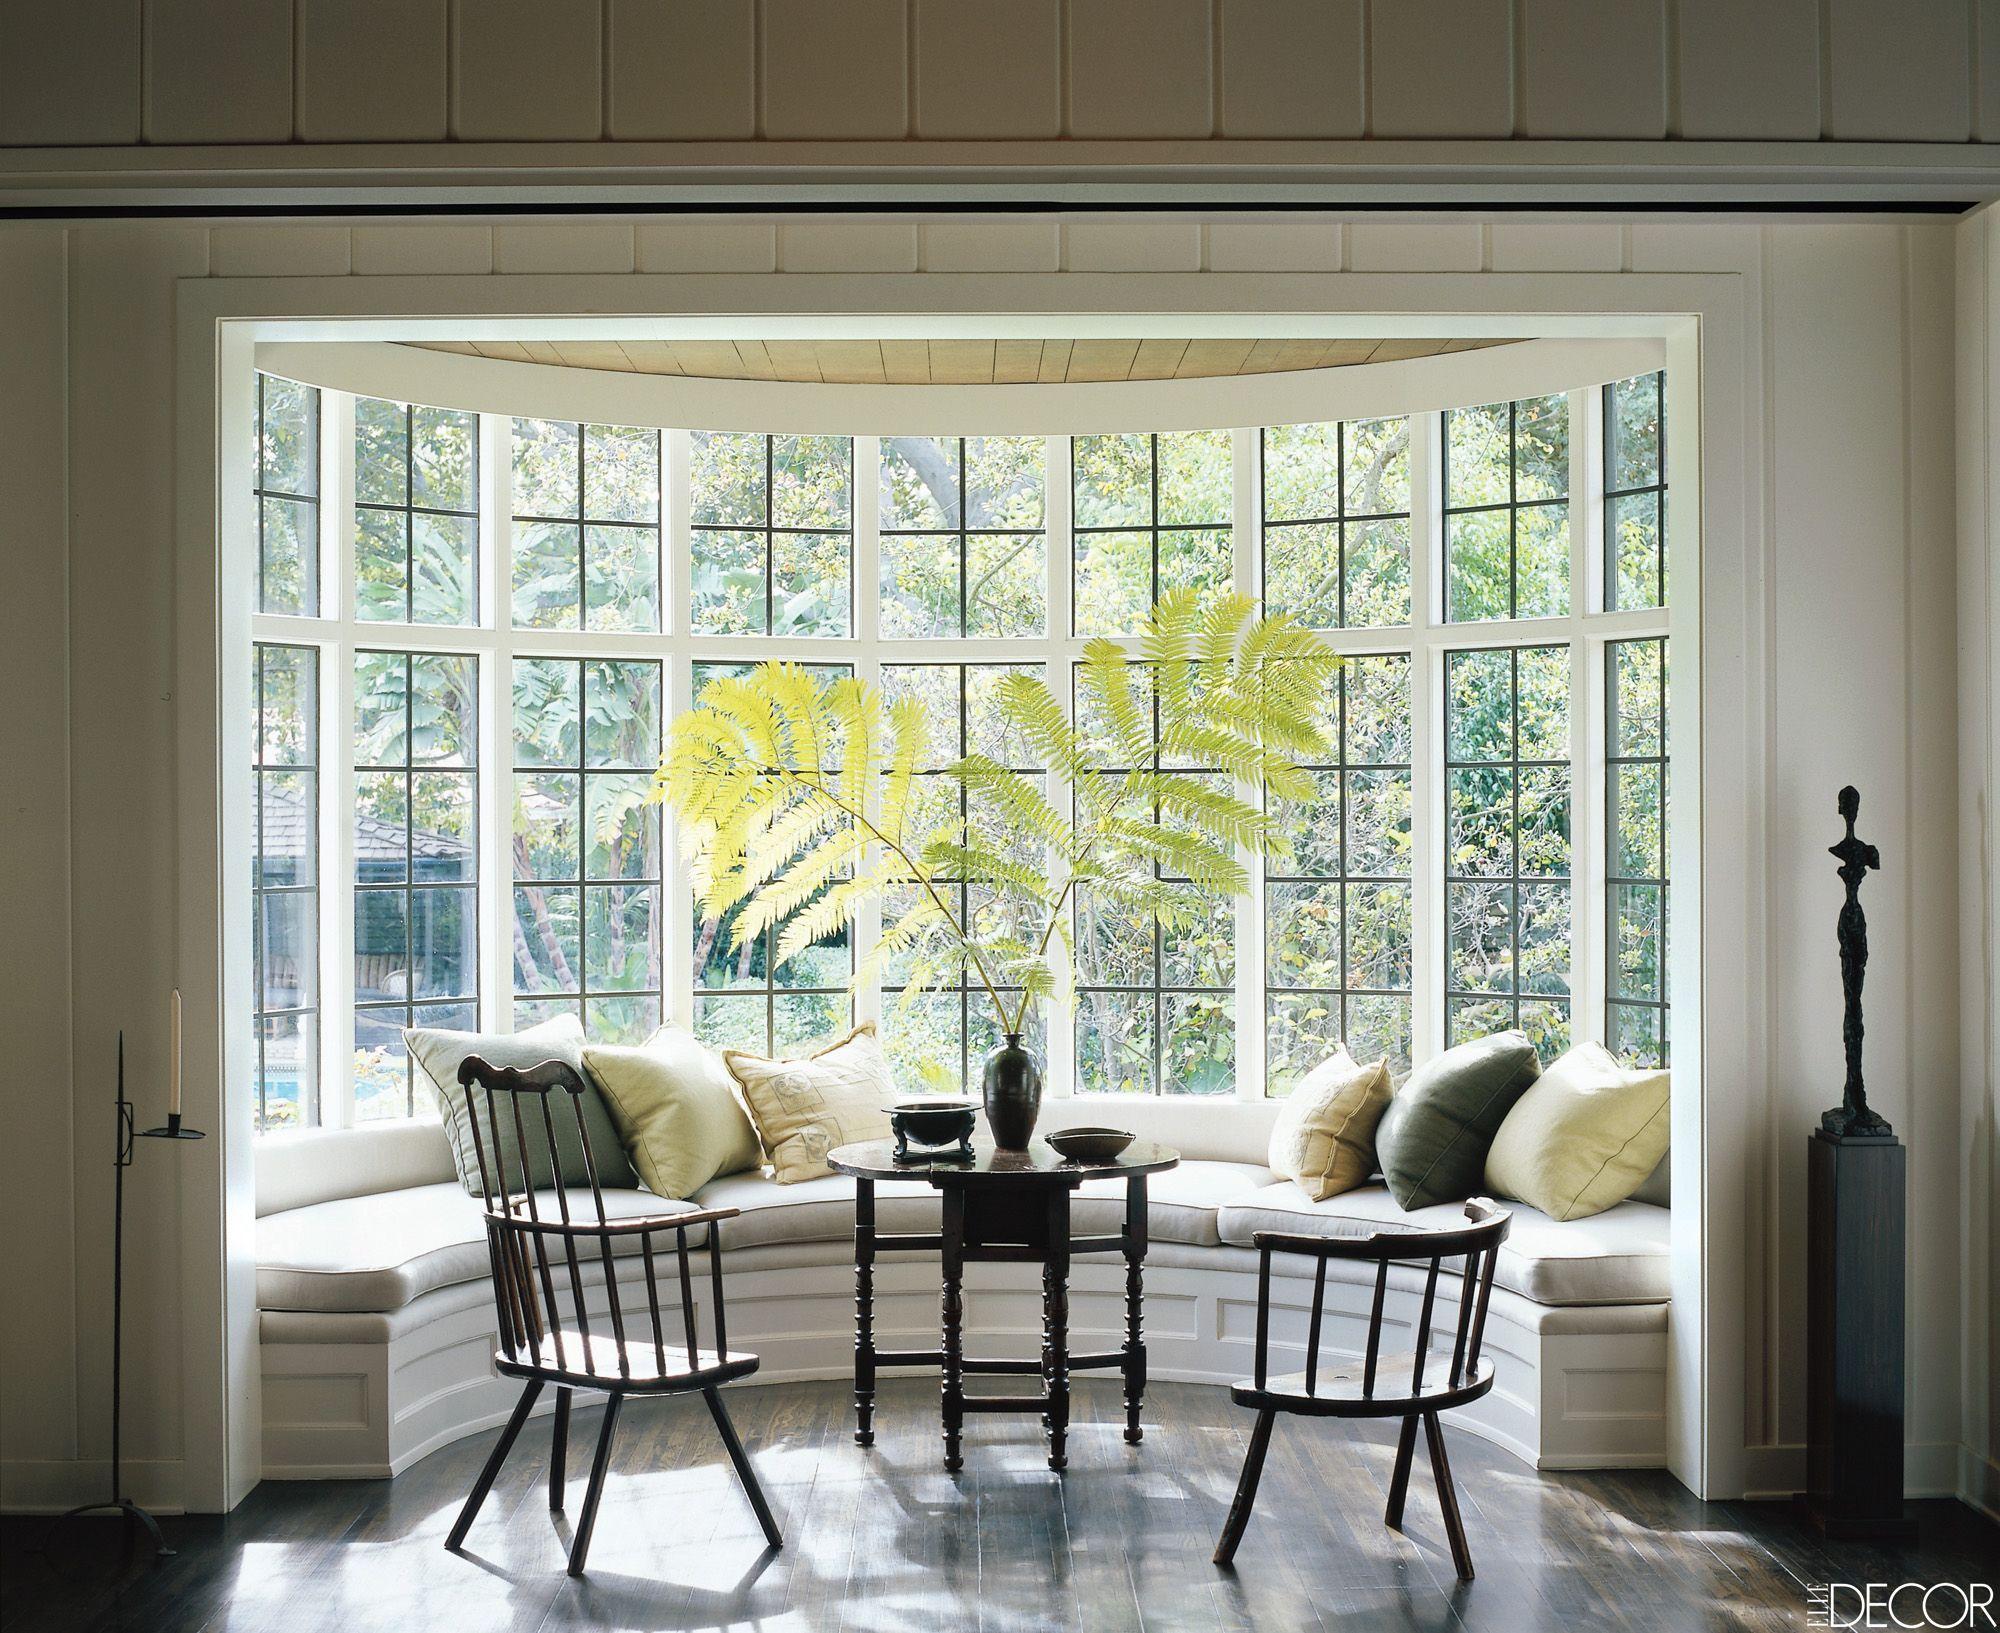 Incroyable Sunroom Ideas